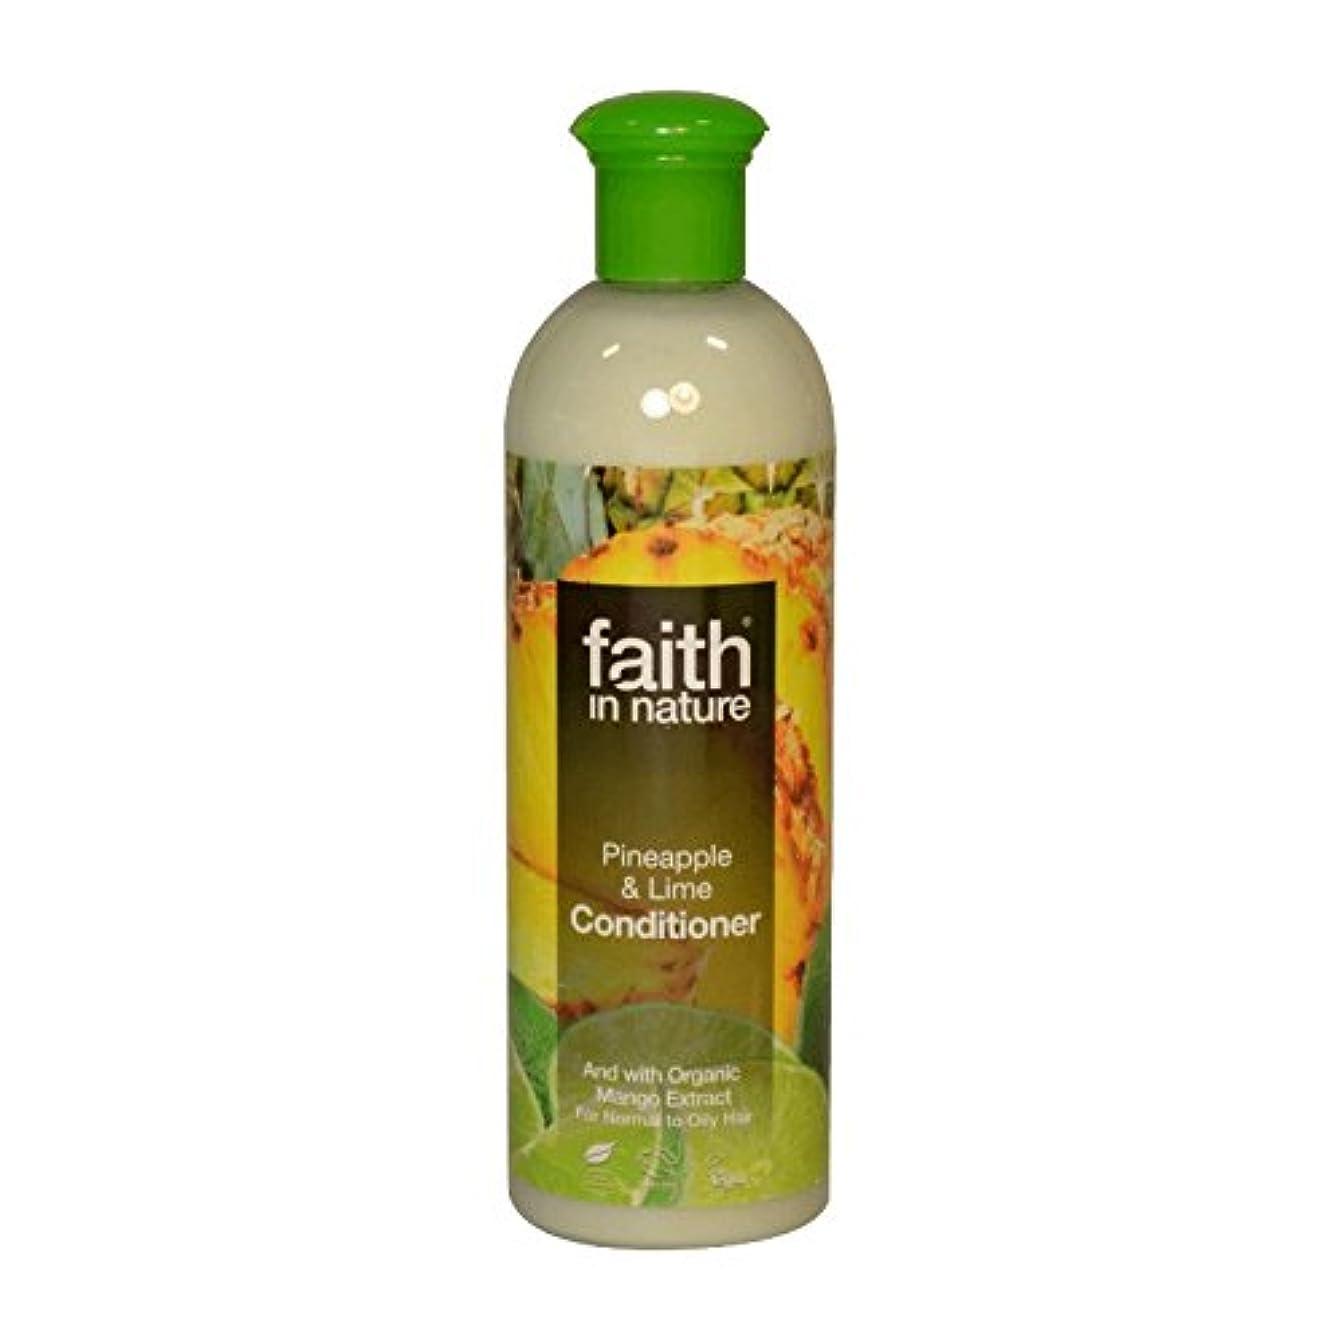 コジオスコ道徳手紙を書くFaith in Nature Pineapple & Lime Conditioner 400ml (Pack of 6) - 自然パイナップル&ライムコンディショナー400ミリリットルの信仰 (x6) [並行輸入品]